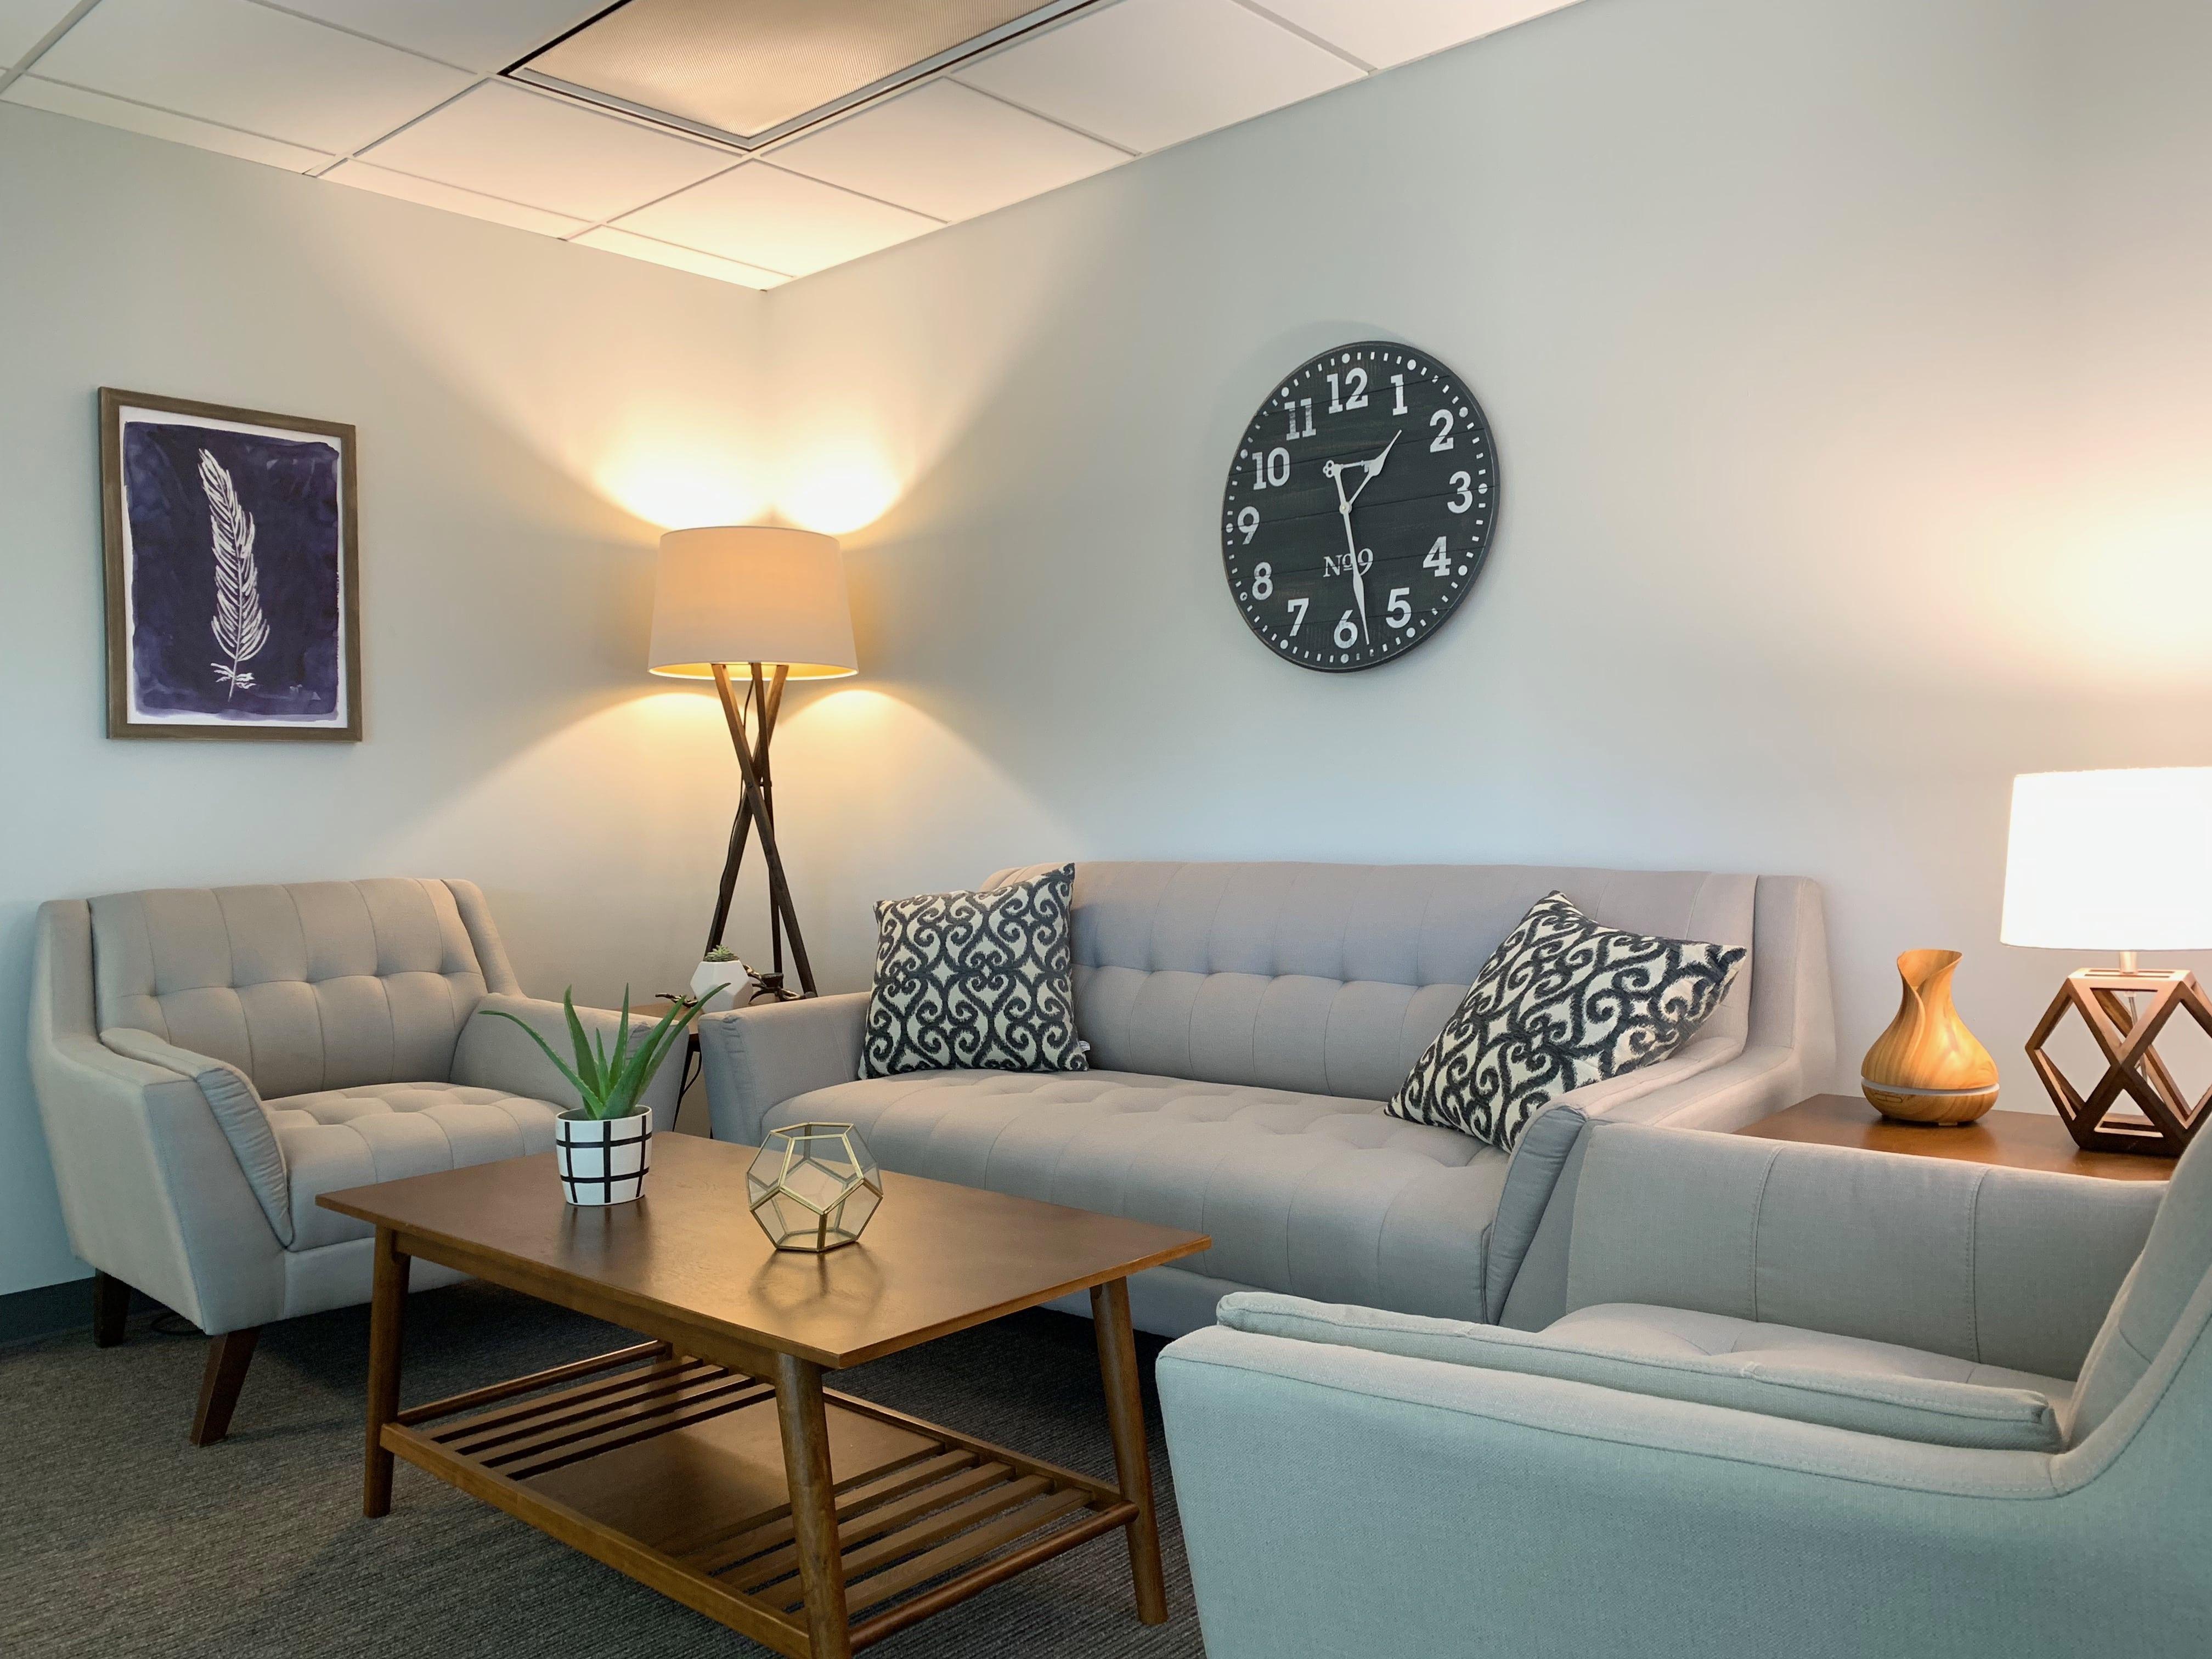 counseling center denver co